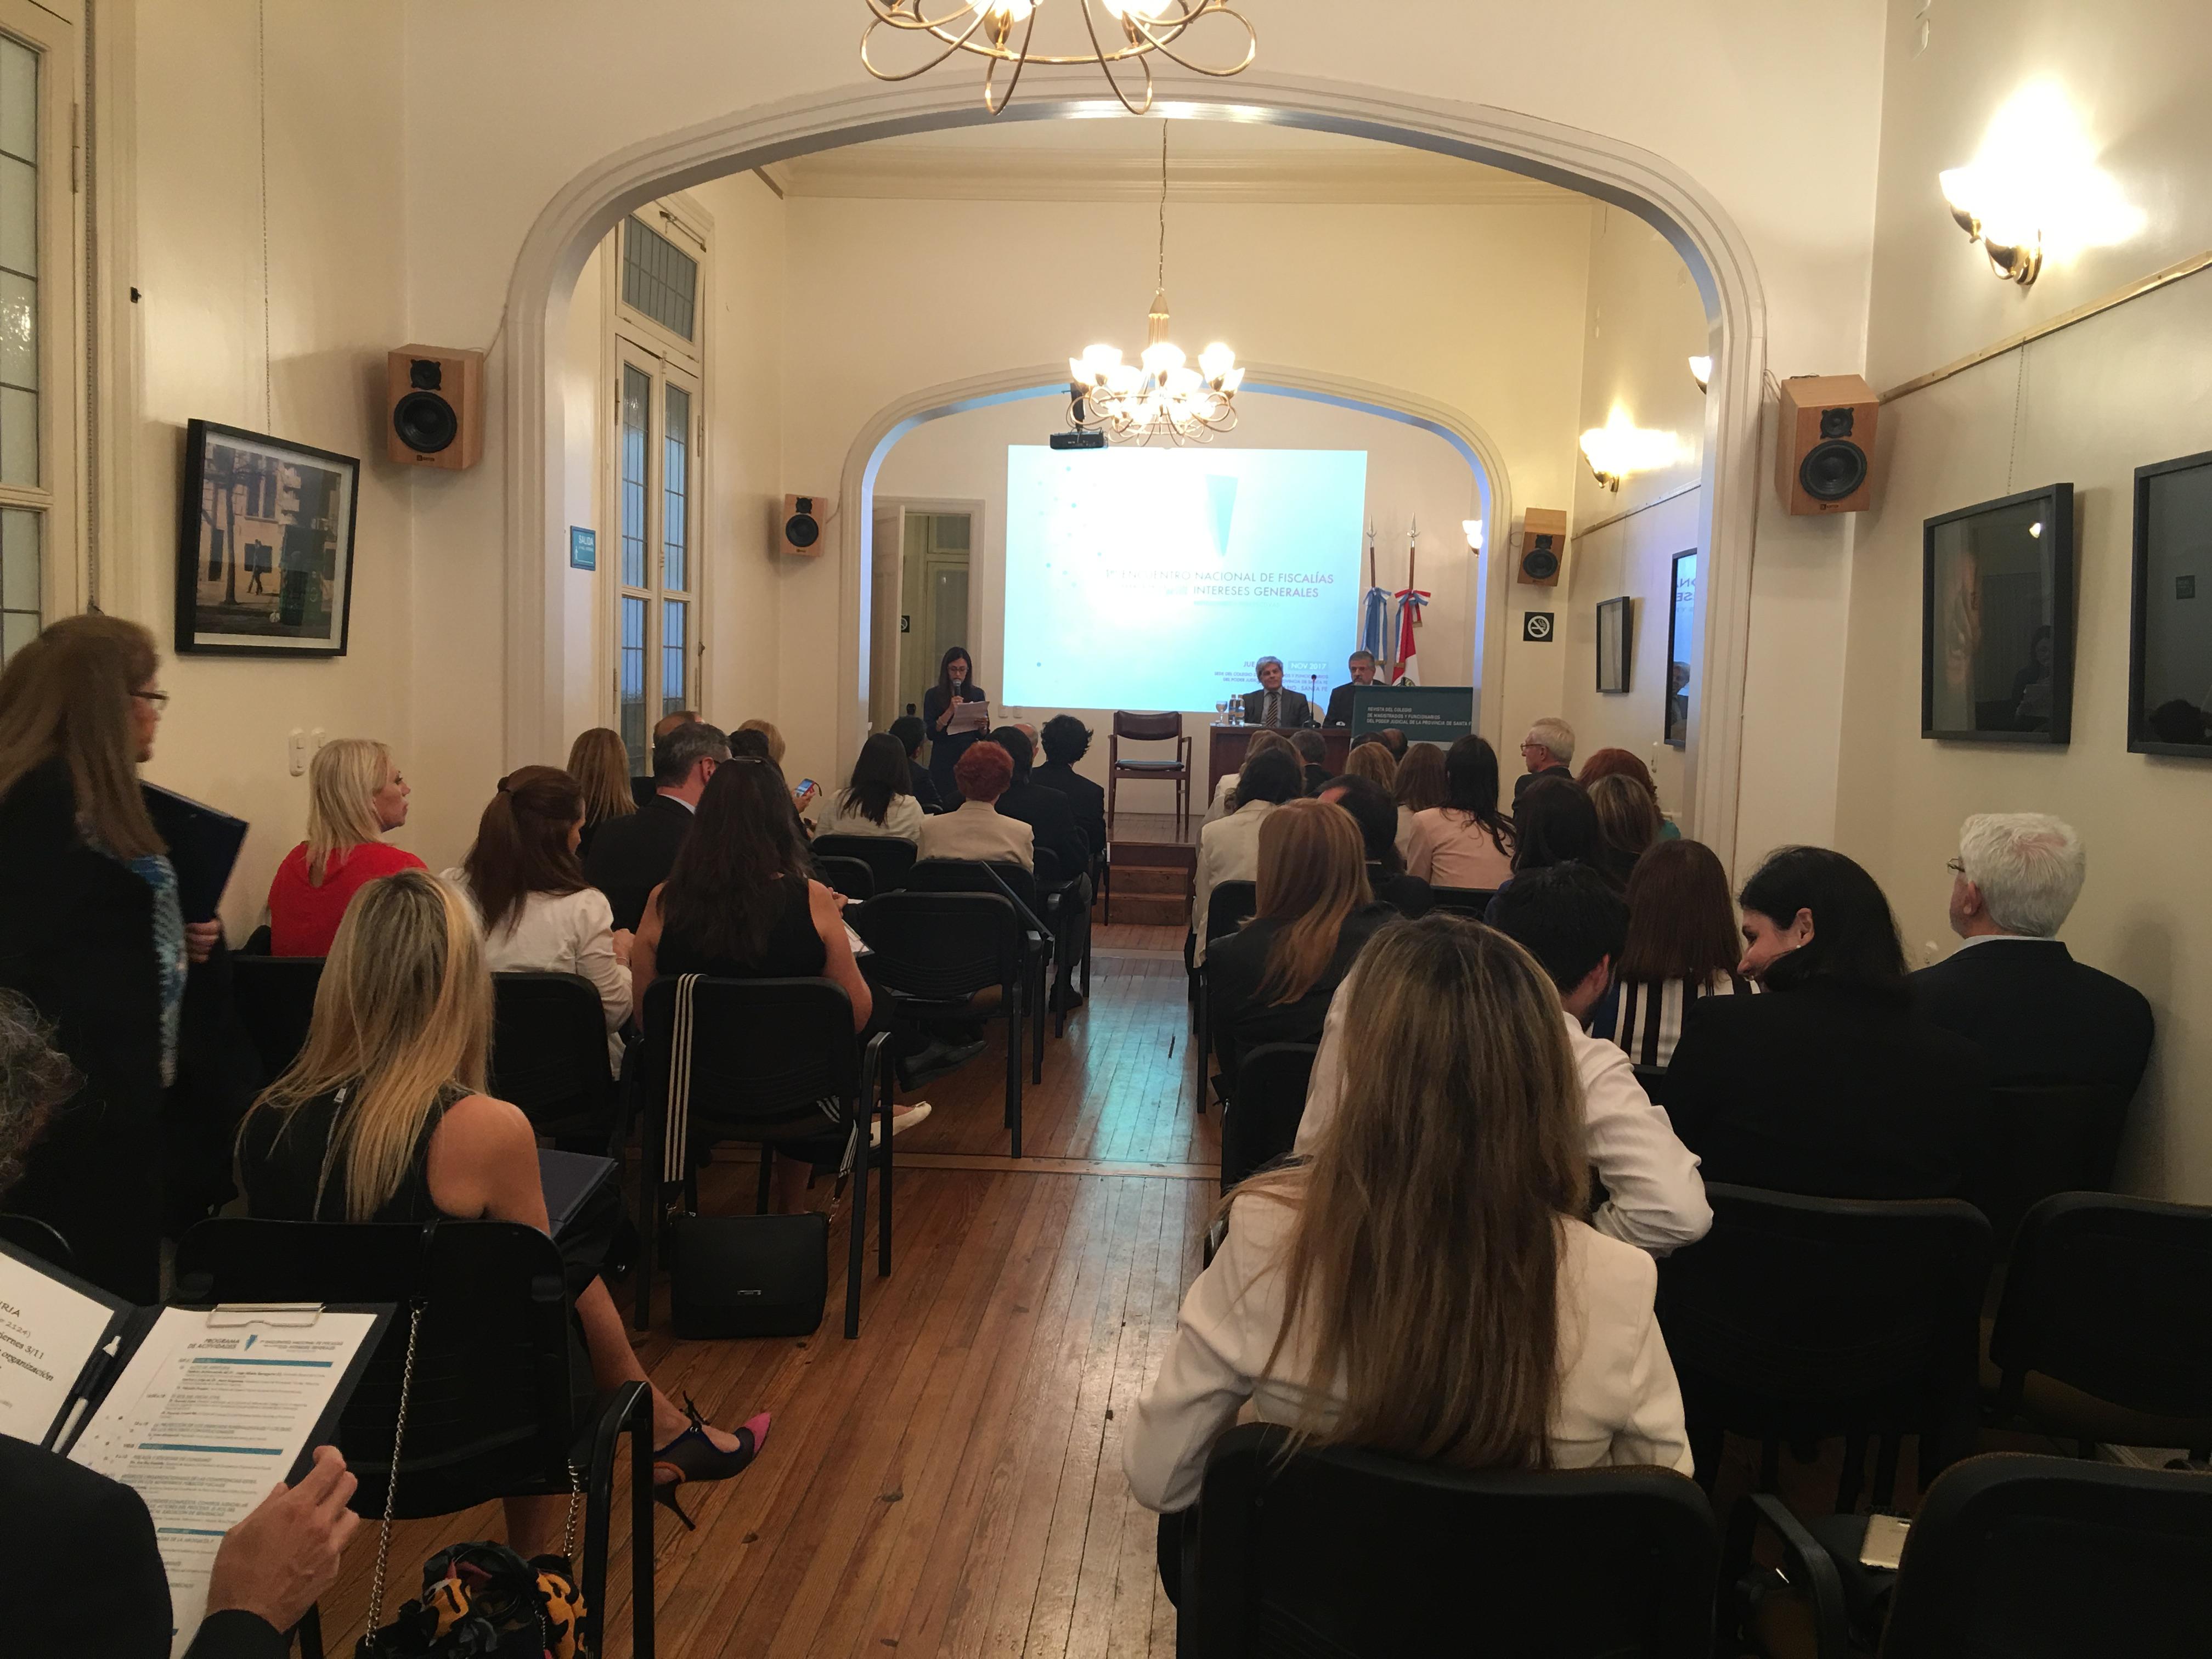 El encuentro se celebró el 2 y 3 de noviembre.  - Foto: Colegio de Magistrados y Funcionarios del Poder Judicial de la Provincia de Santa Fe - http://magistrados-santafe.org.ar